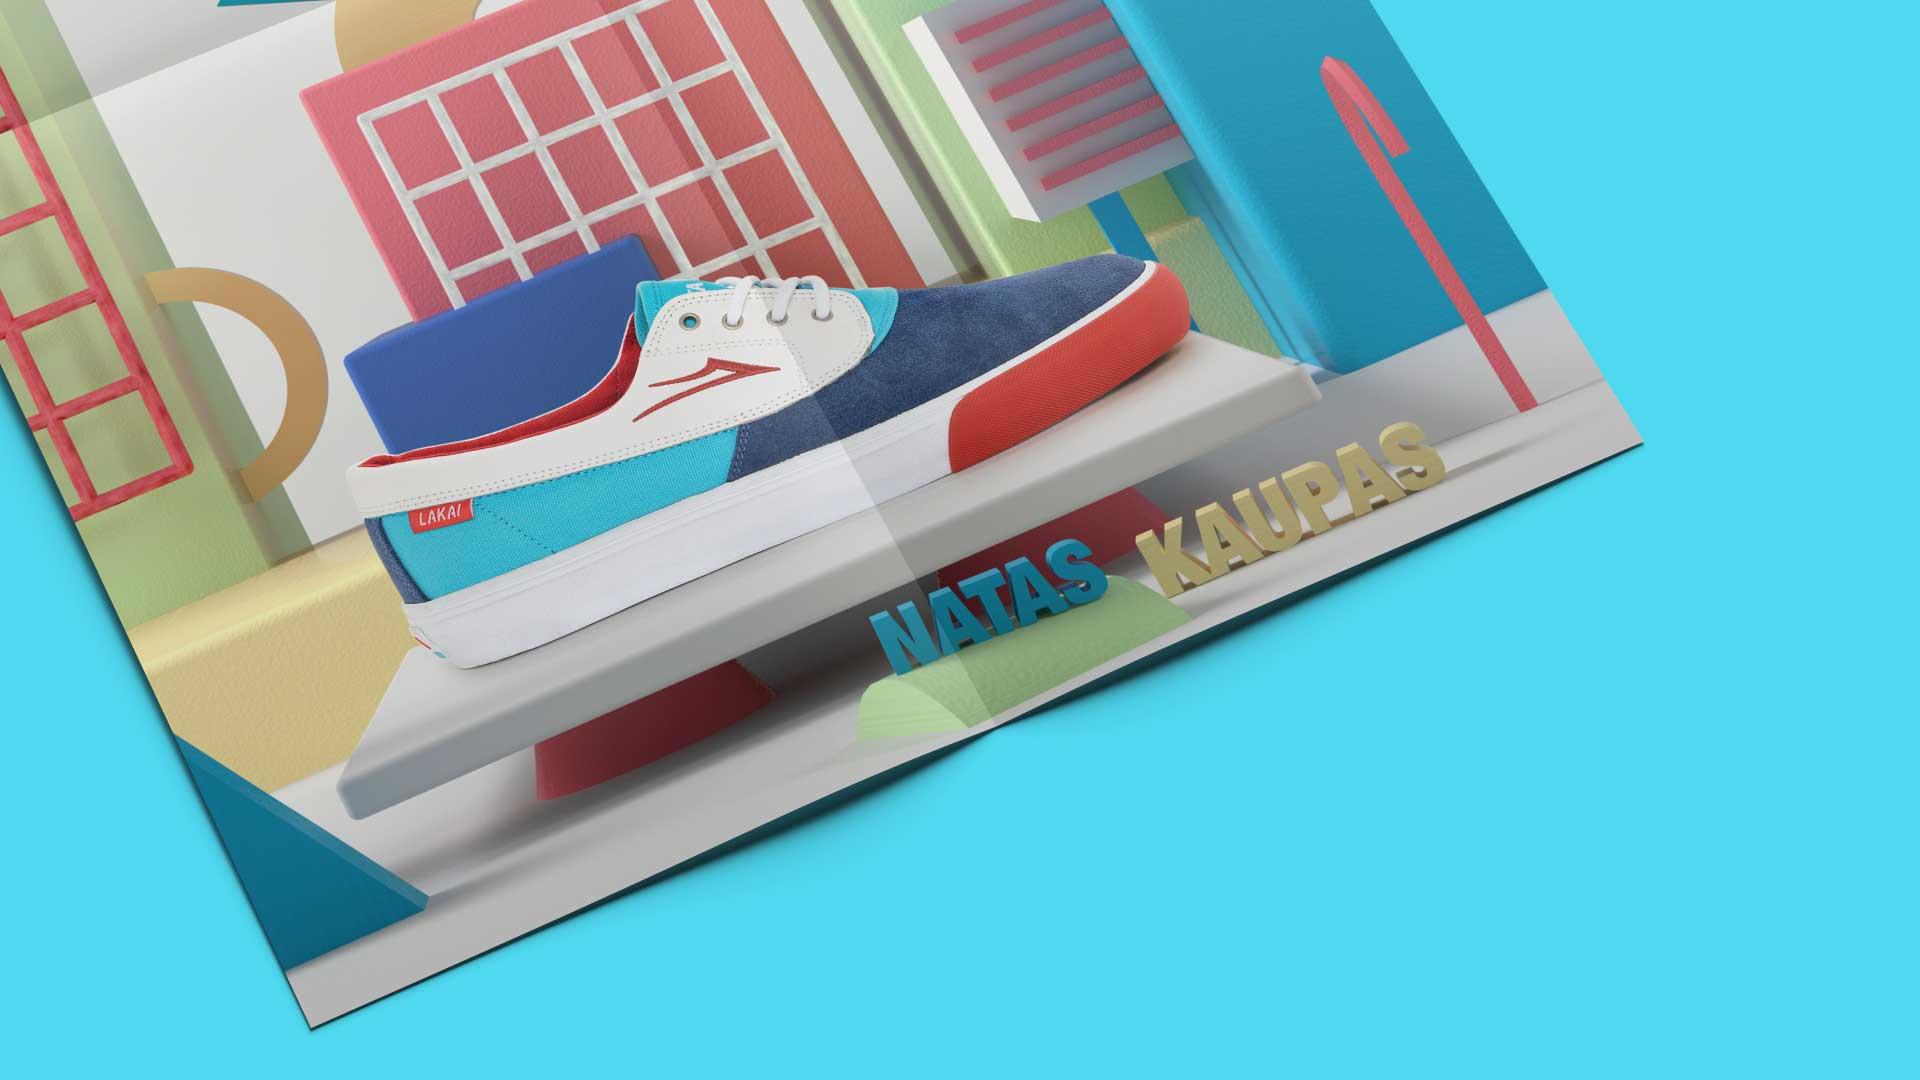 detail_advertising_lakai_shoes_artdirection_2